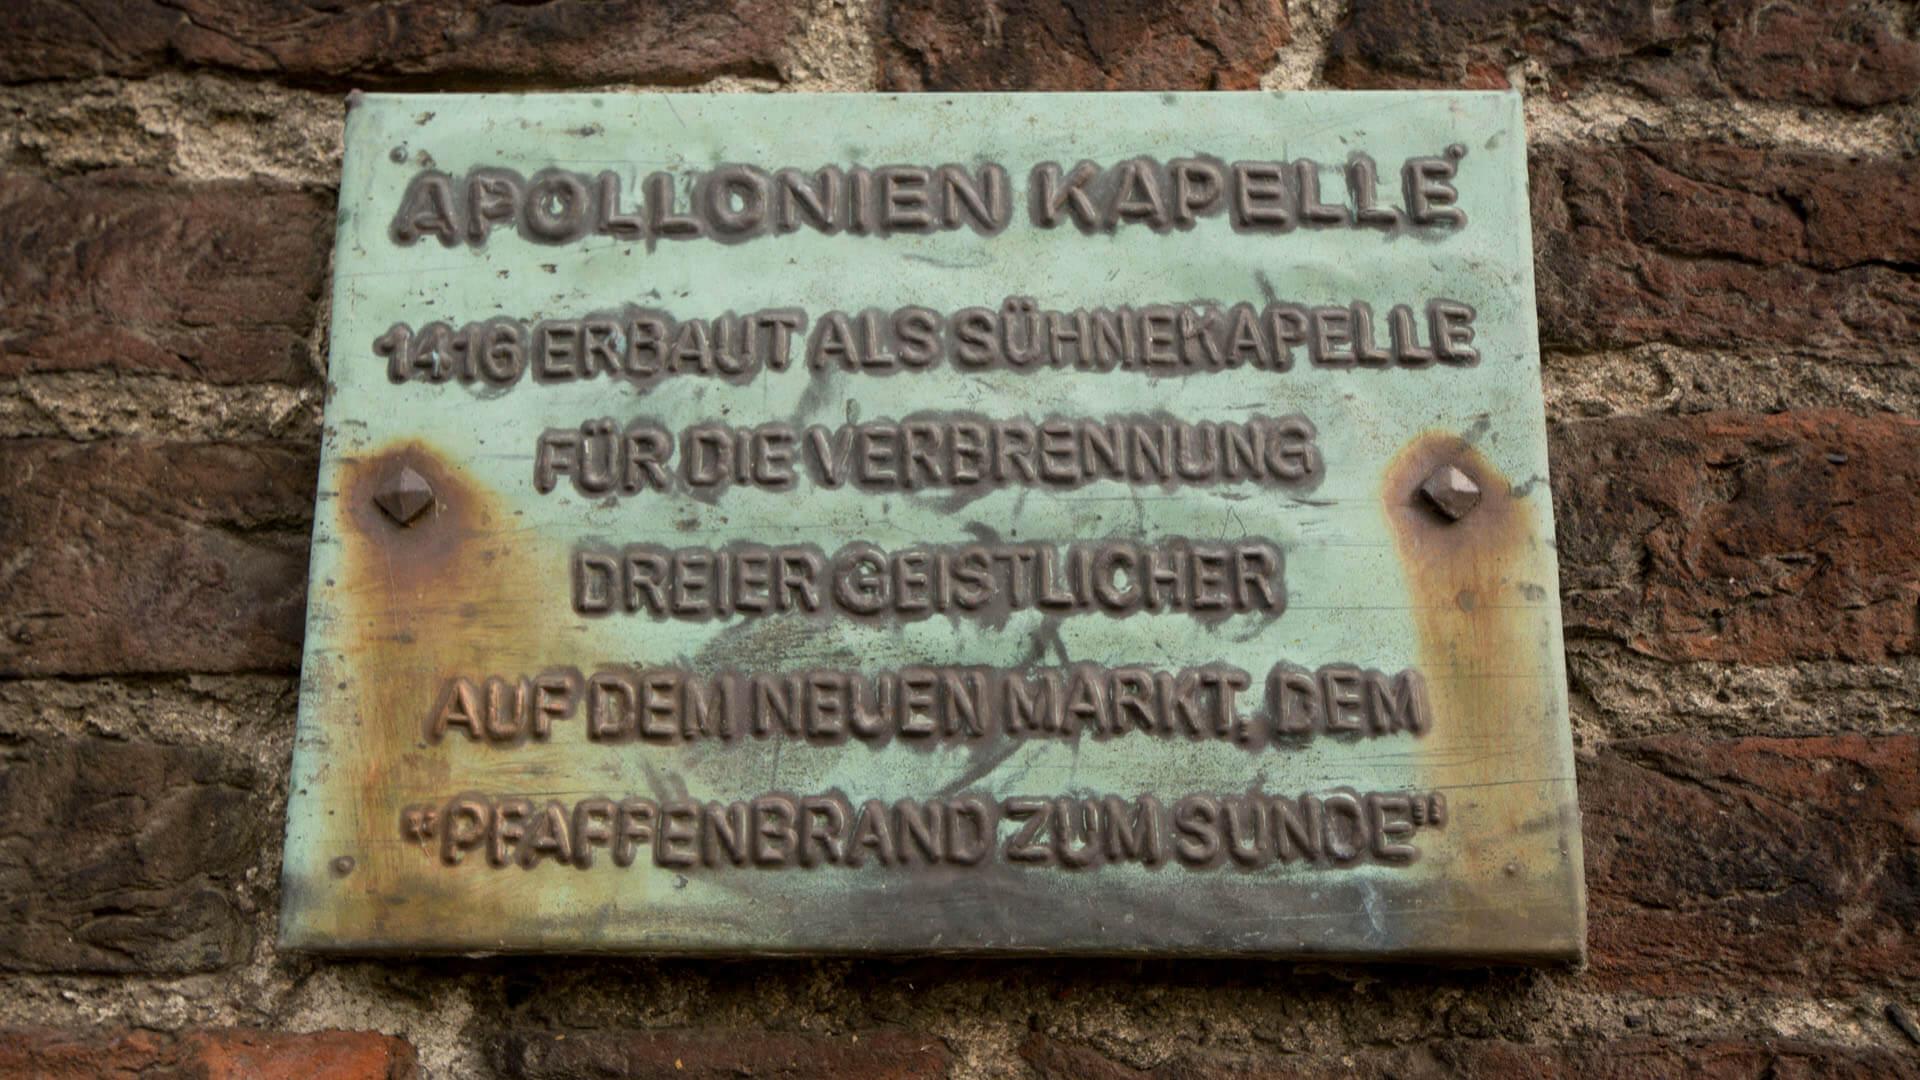 Informationstafel zum Papenbrand thom Sunde.